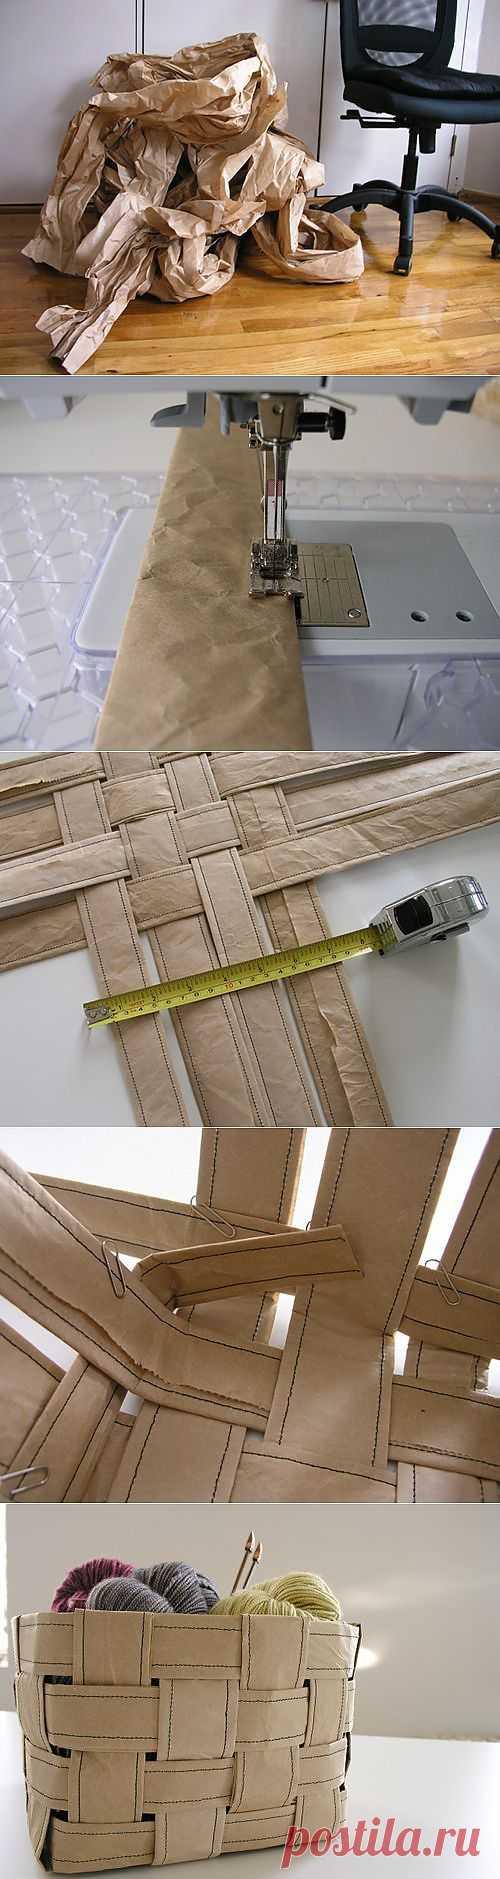 Оригинальная корзина из упаковочной бумаги..